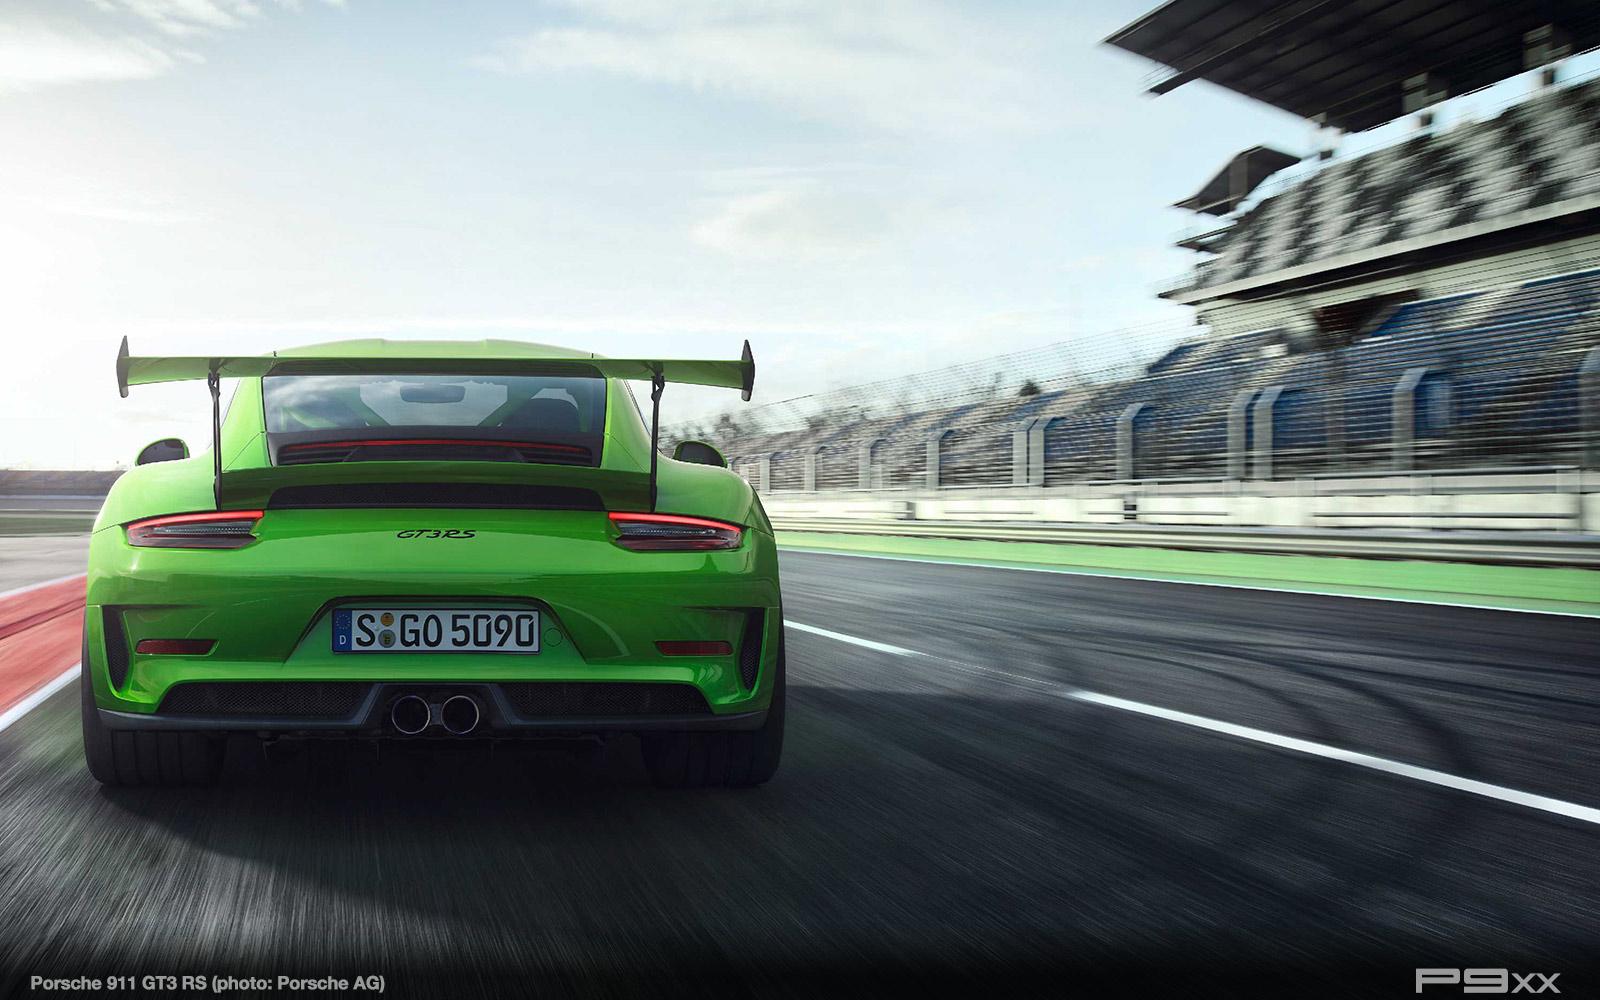 Porsche-911-GT3-RS-991-2-9912-284